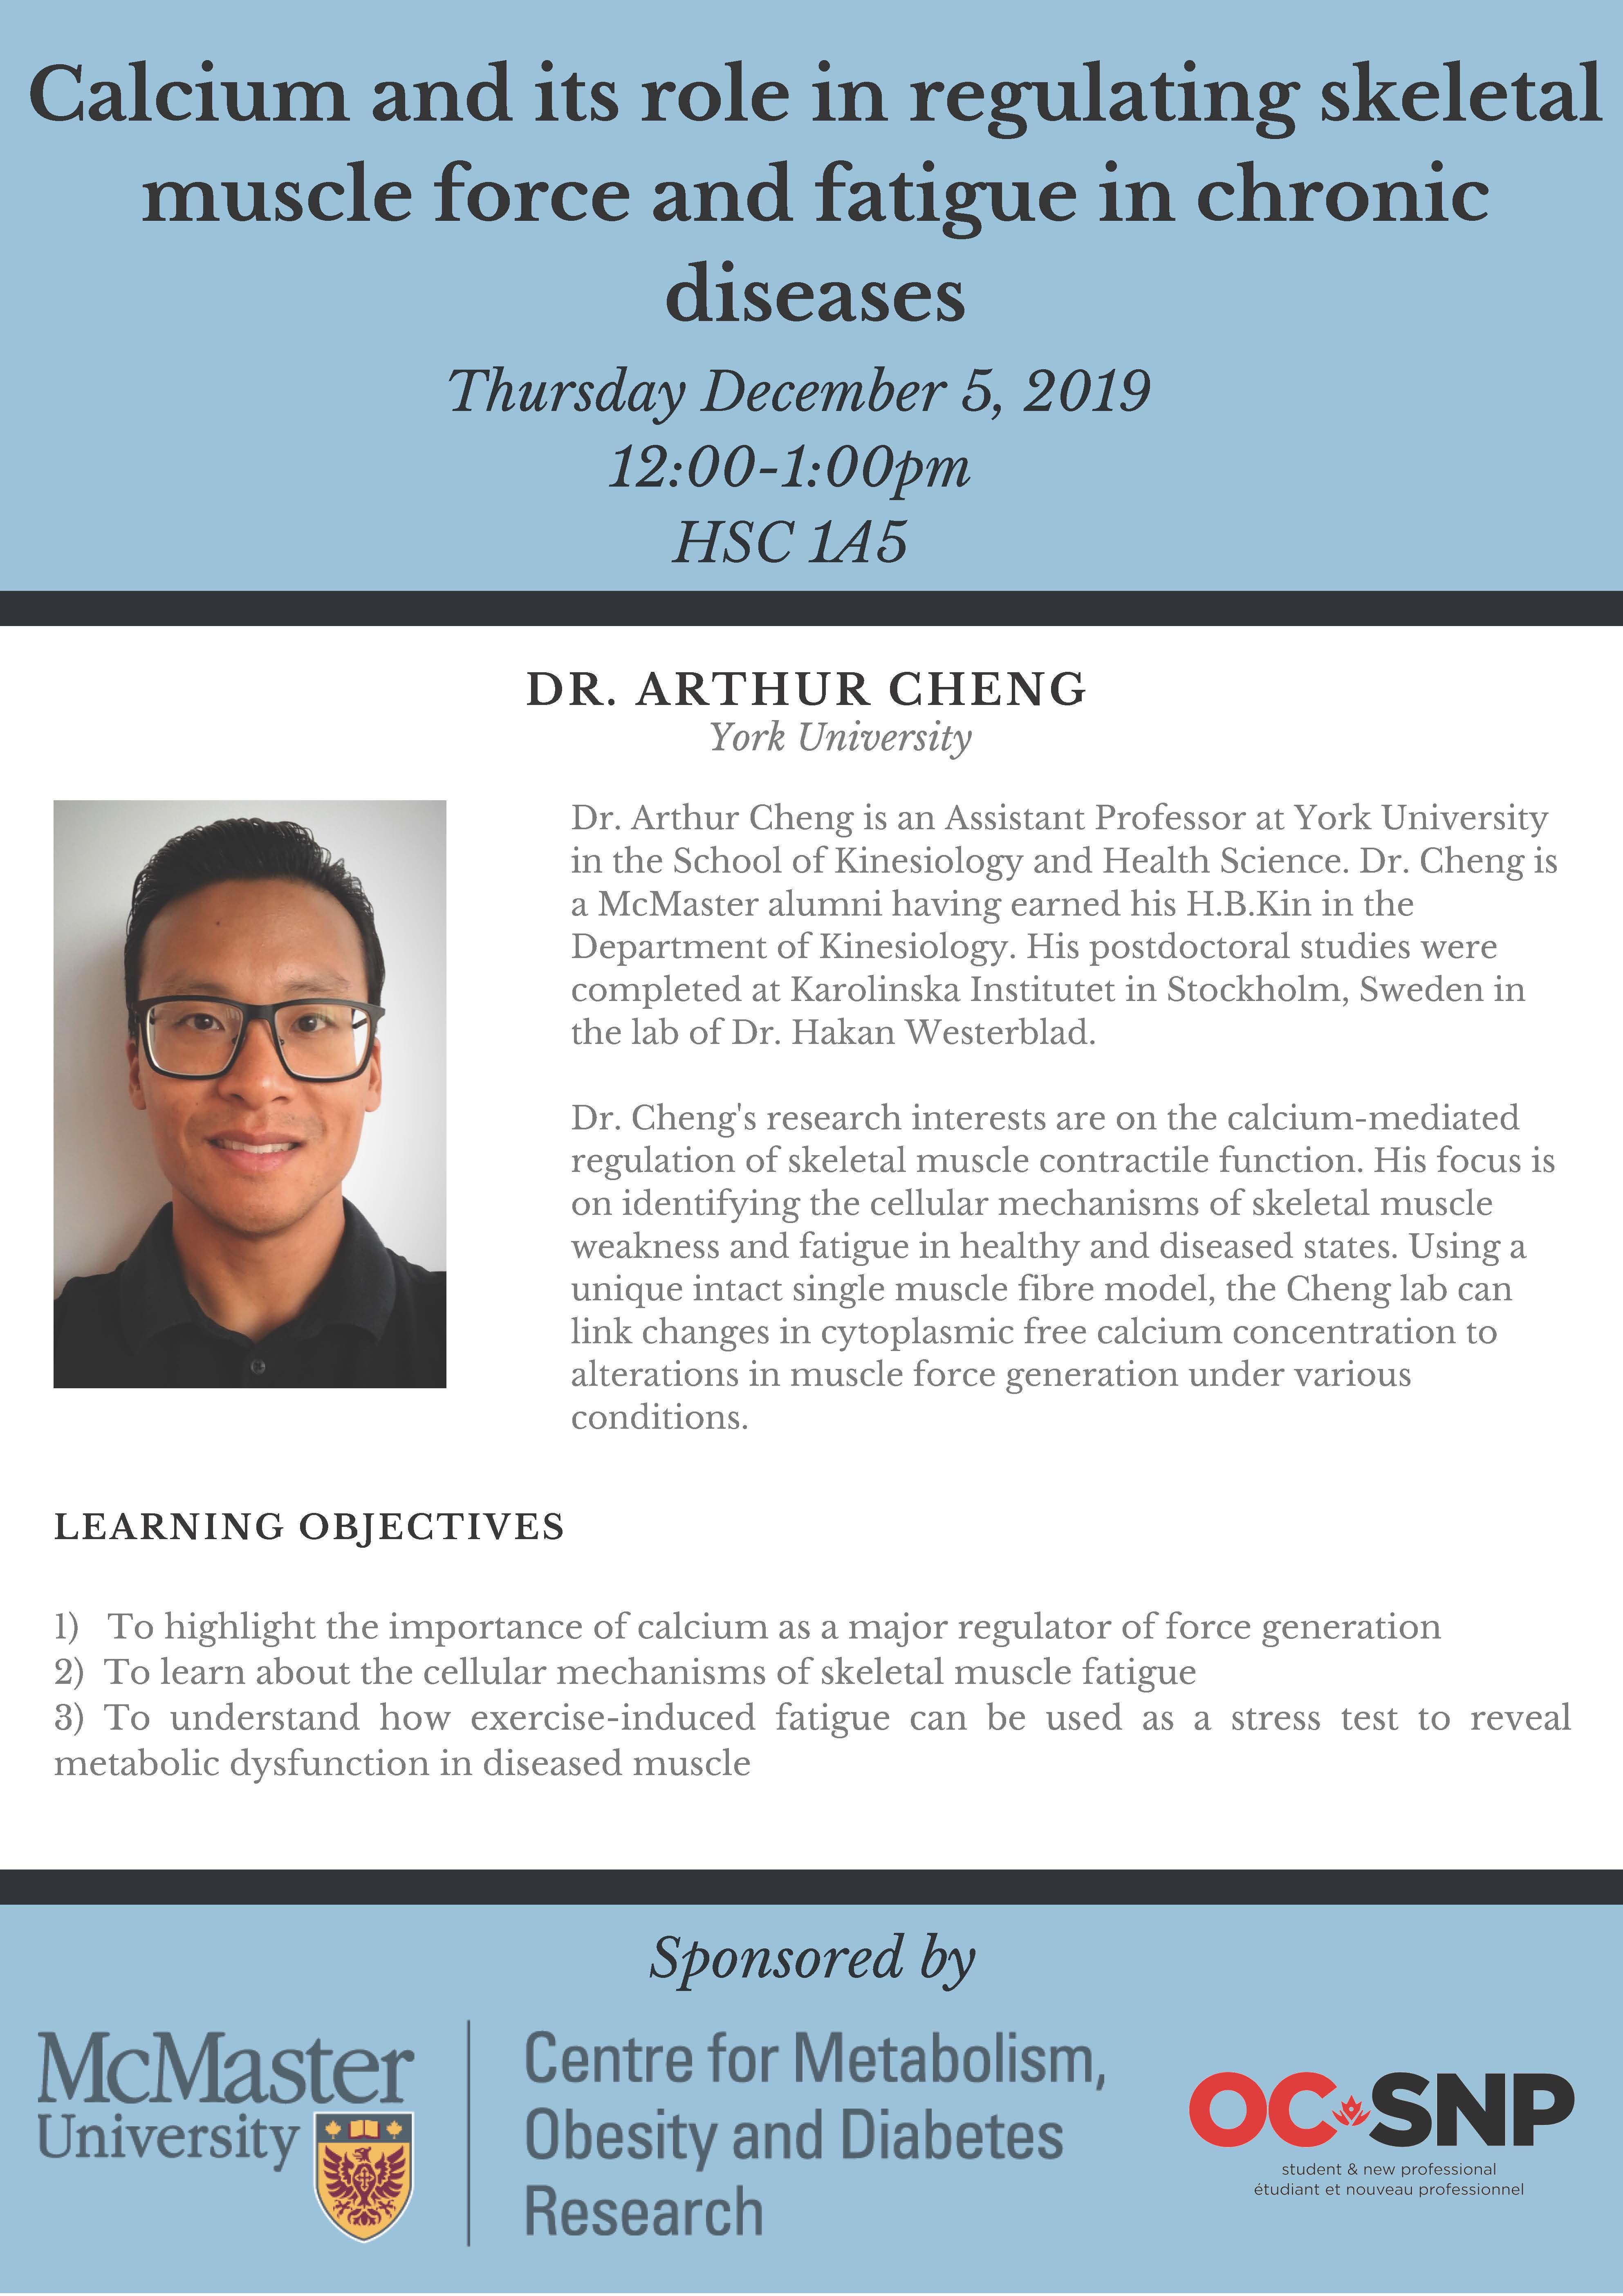 Dr. Cheng-Dec-5-19-MODR-SS (00000002)